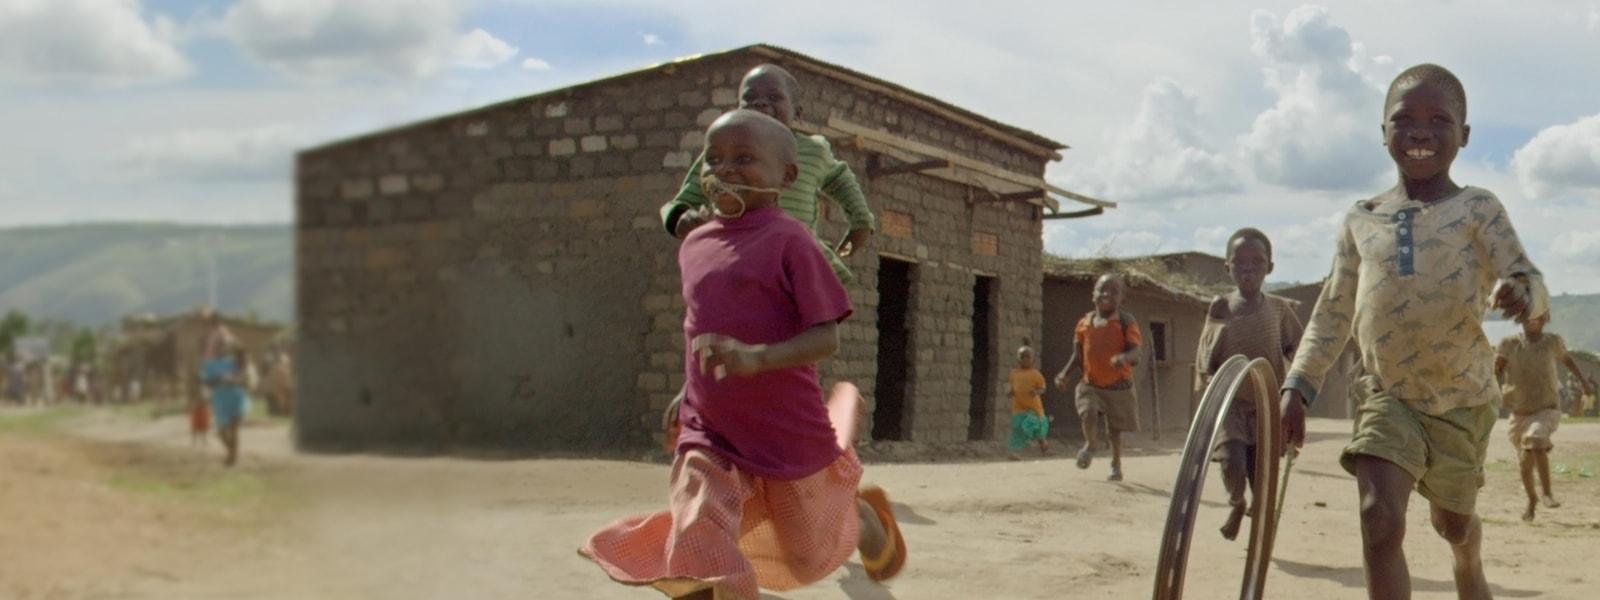 Des enfants jouent dans un village d'Afrique.